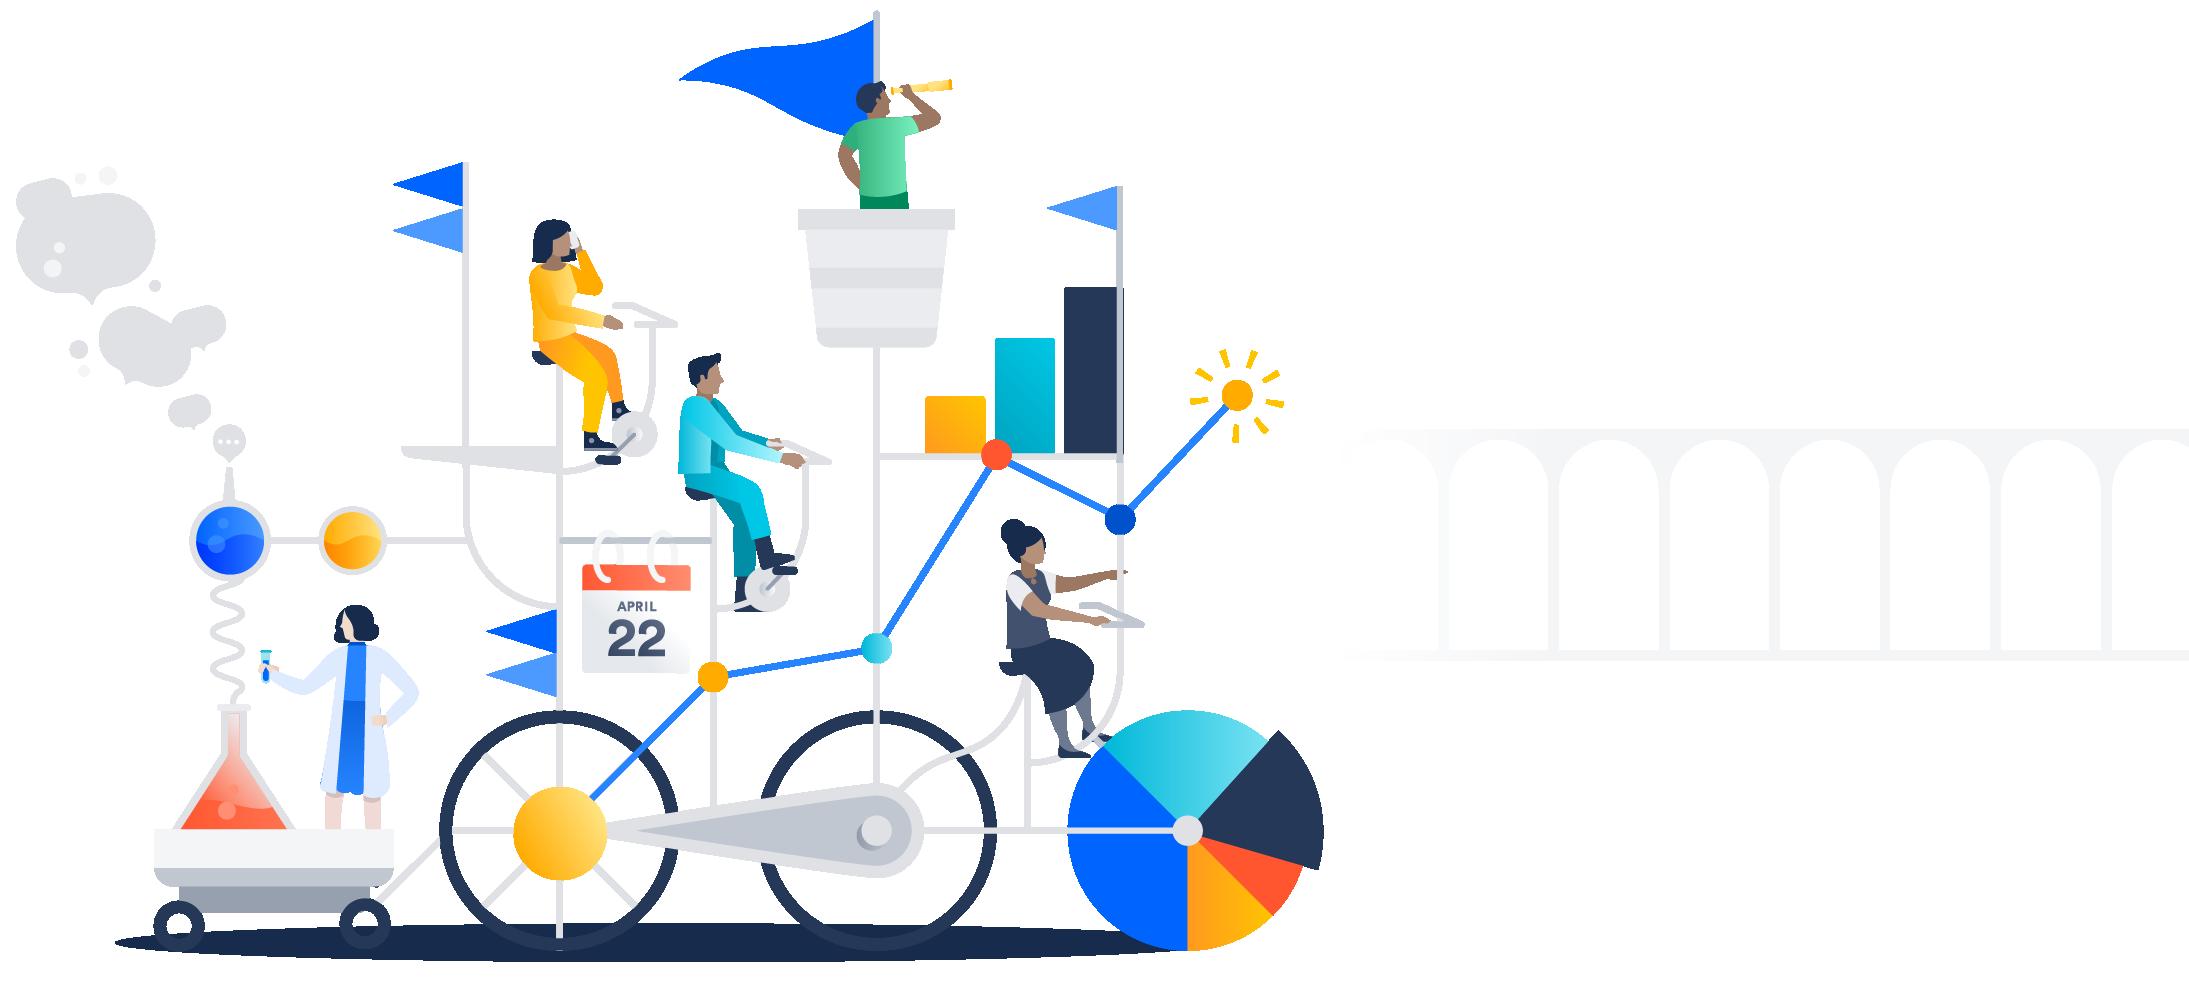 Ilustracja wielu osób na skomplikowanym rowerze